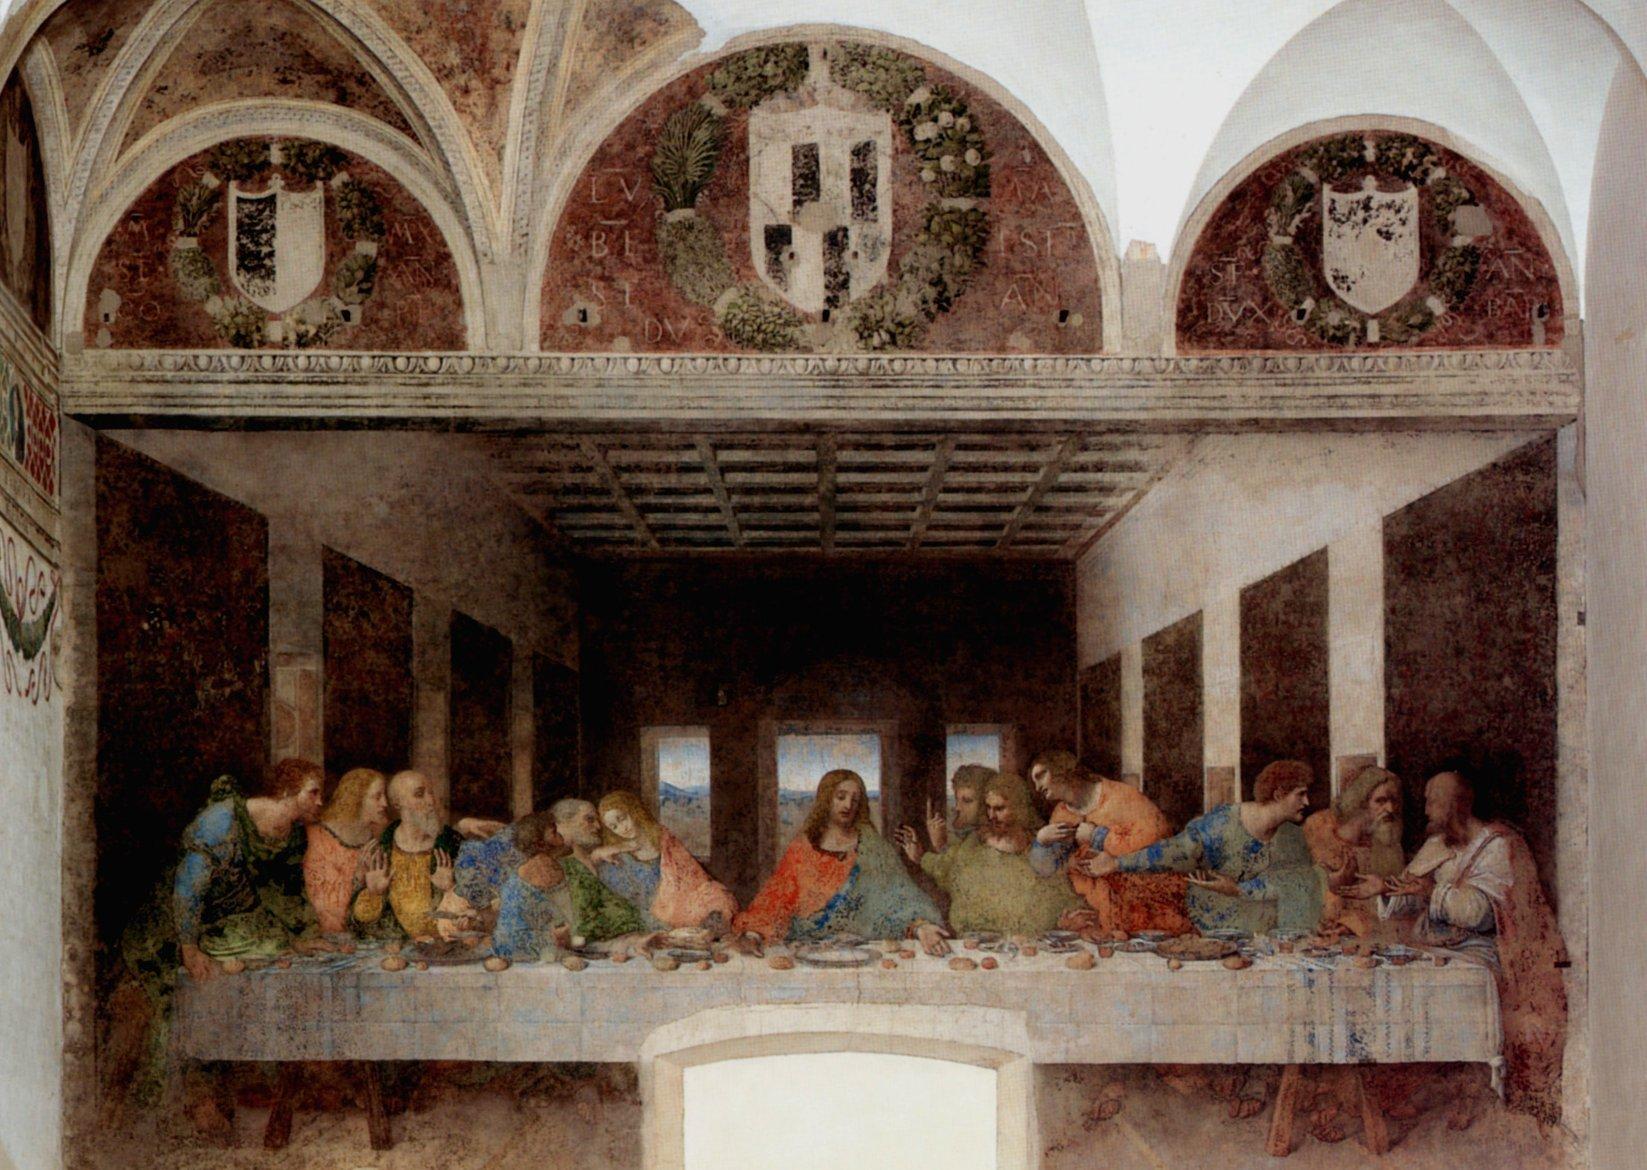 Cenacolo, Leonardo da Vinci, Ultima Cena